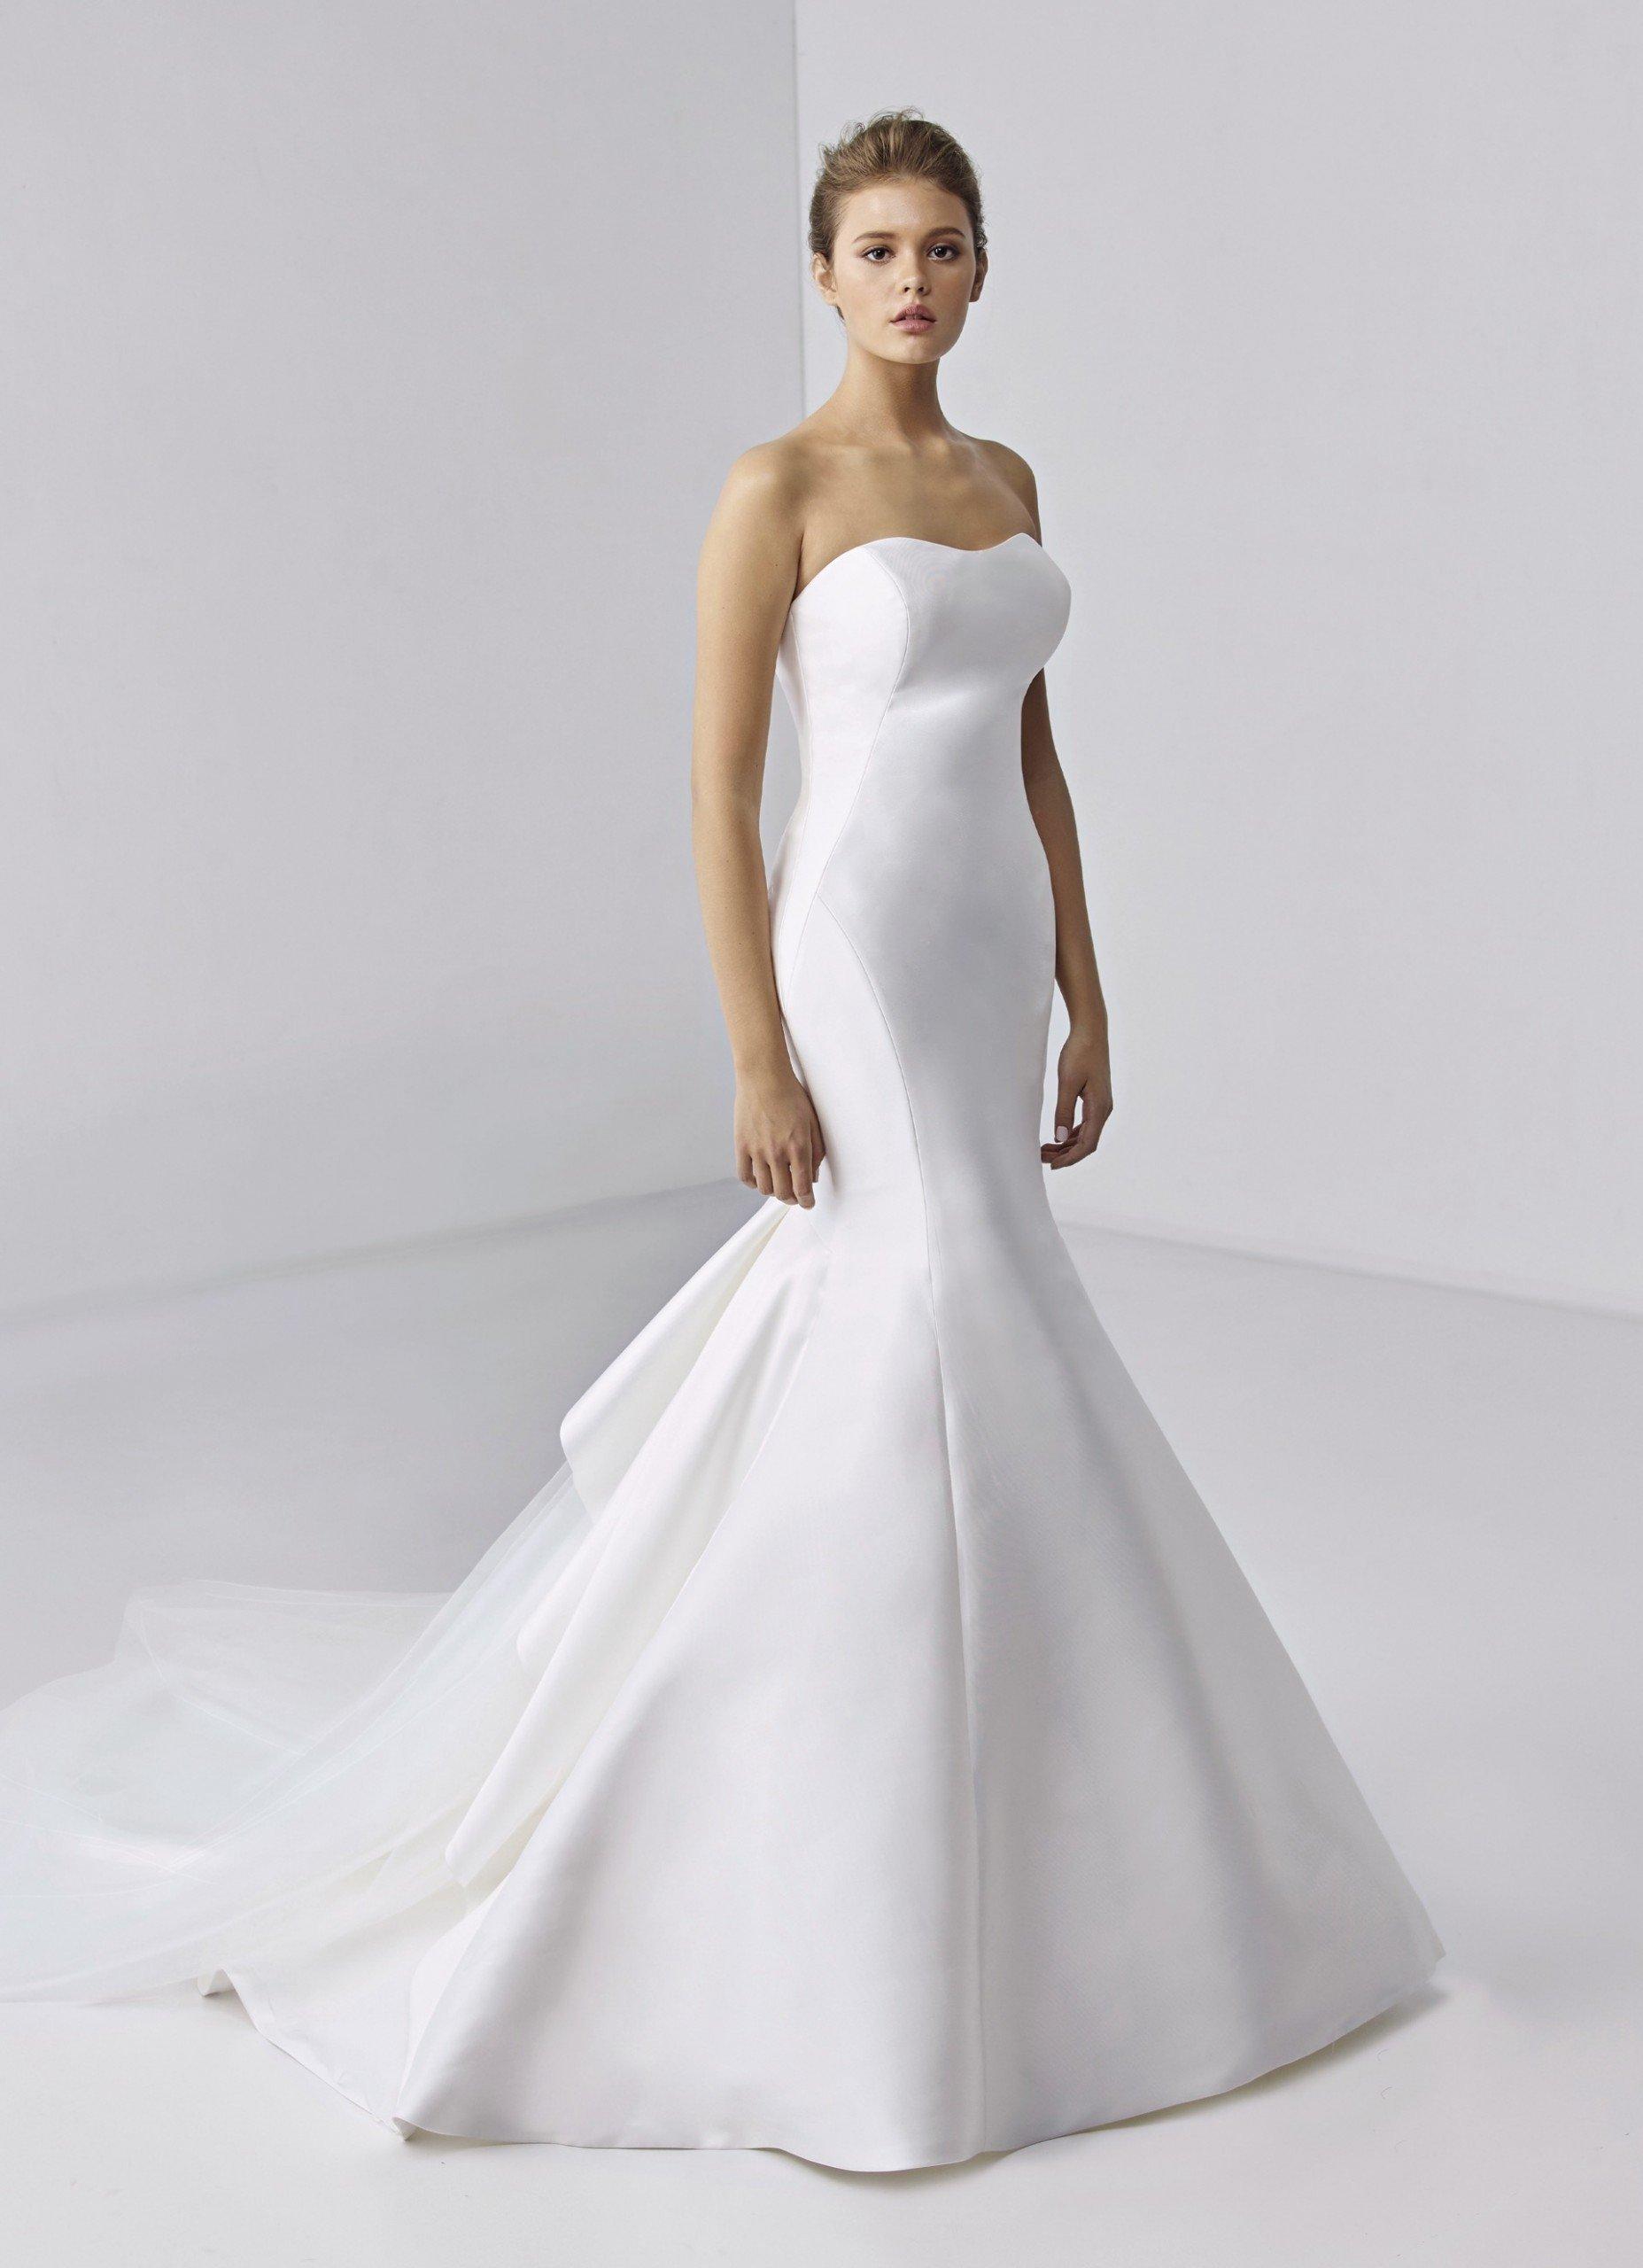 Trägerloses Brautkleid im Fit-and-Flare-Schnitt in Weiß mit Schleppe von Etoile, Modell Adeline